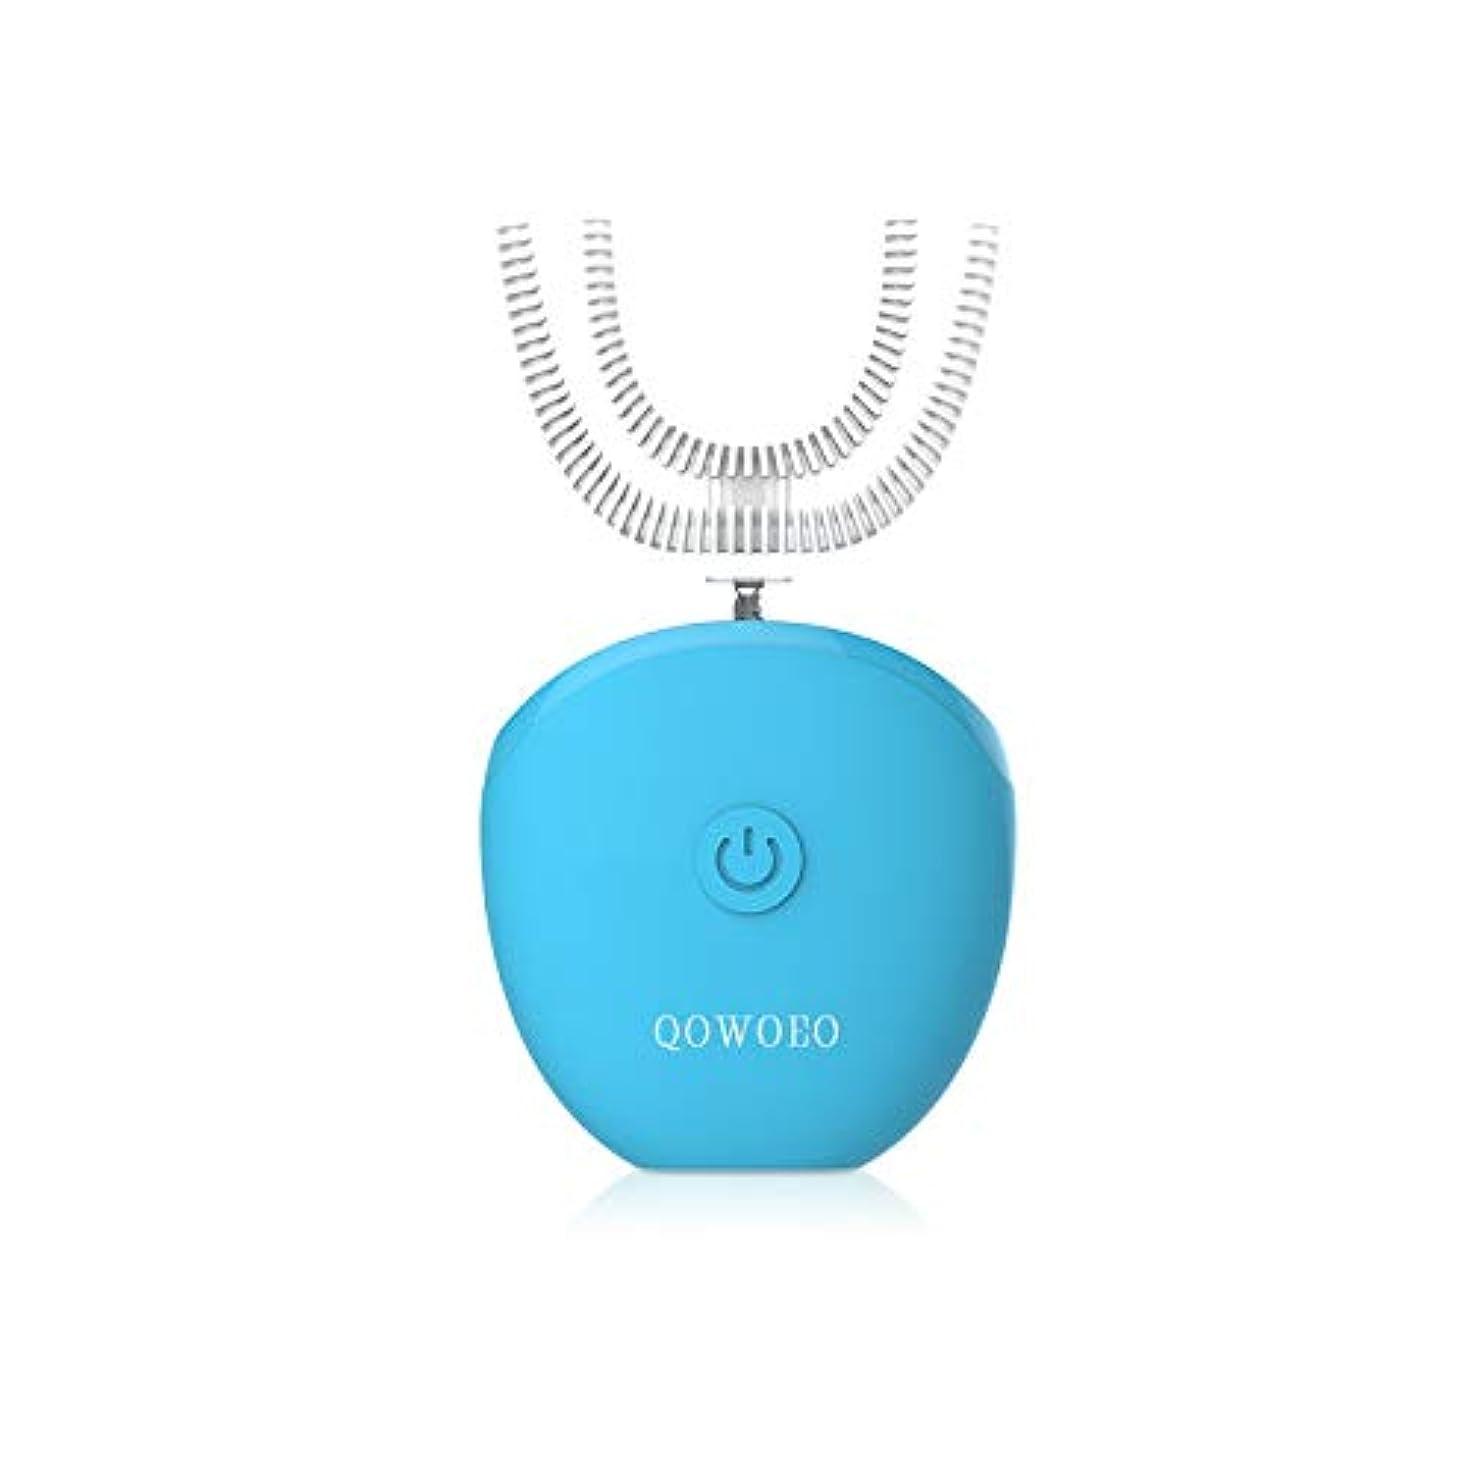 荒れ地歌う思いやりIPX7防水 怠け者牙刷-電動 U型 超音波 全方位 自動歯ブラシ ワイヤレス充電 ユニークなU字型のマウスピース わずか15秒で歯磨き 自動バブル 冷光ホワイトニング 口腔健康用ツール (青)